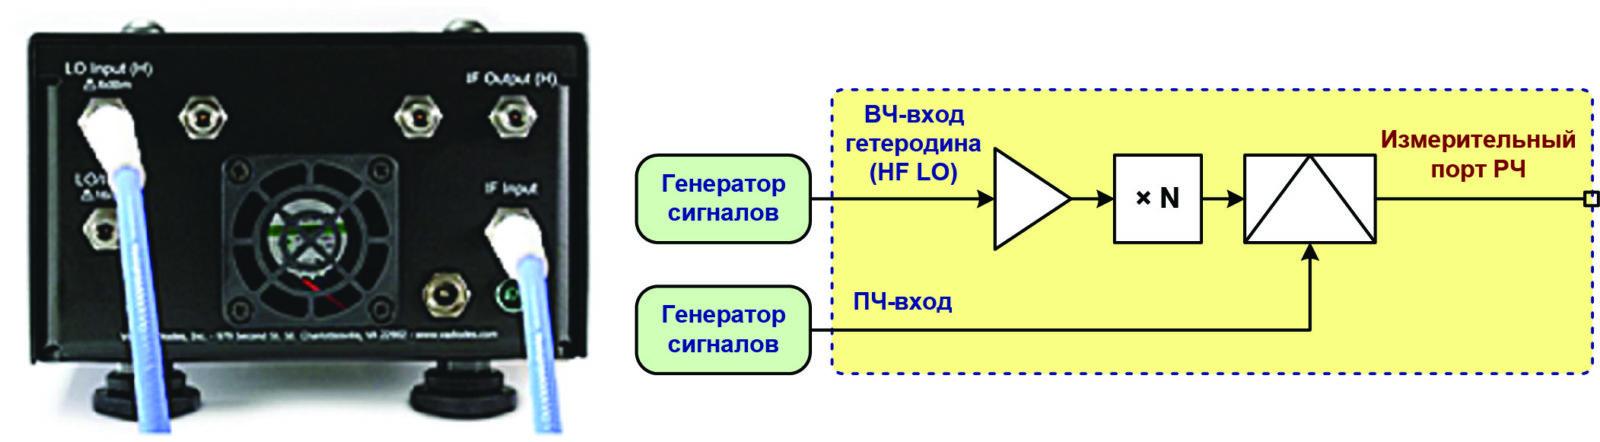 Преобразование сигнала с повышением частоты. Порт выхода ПЧ (H) не используется